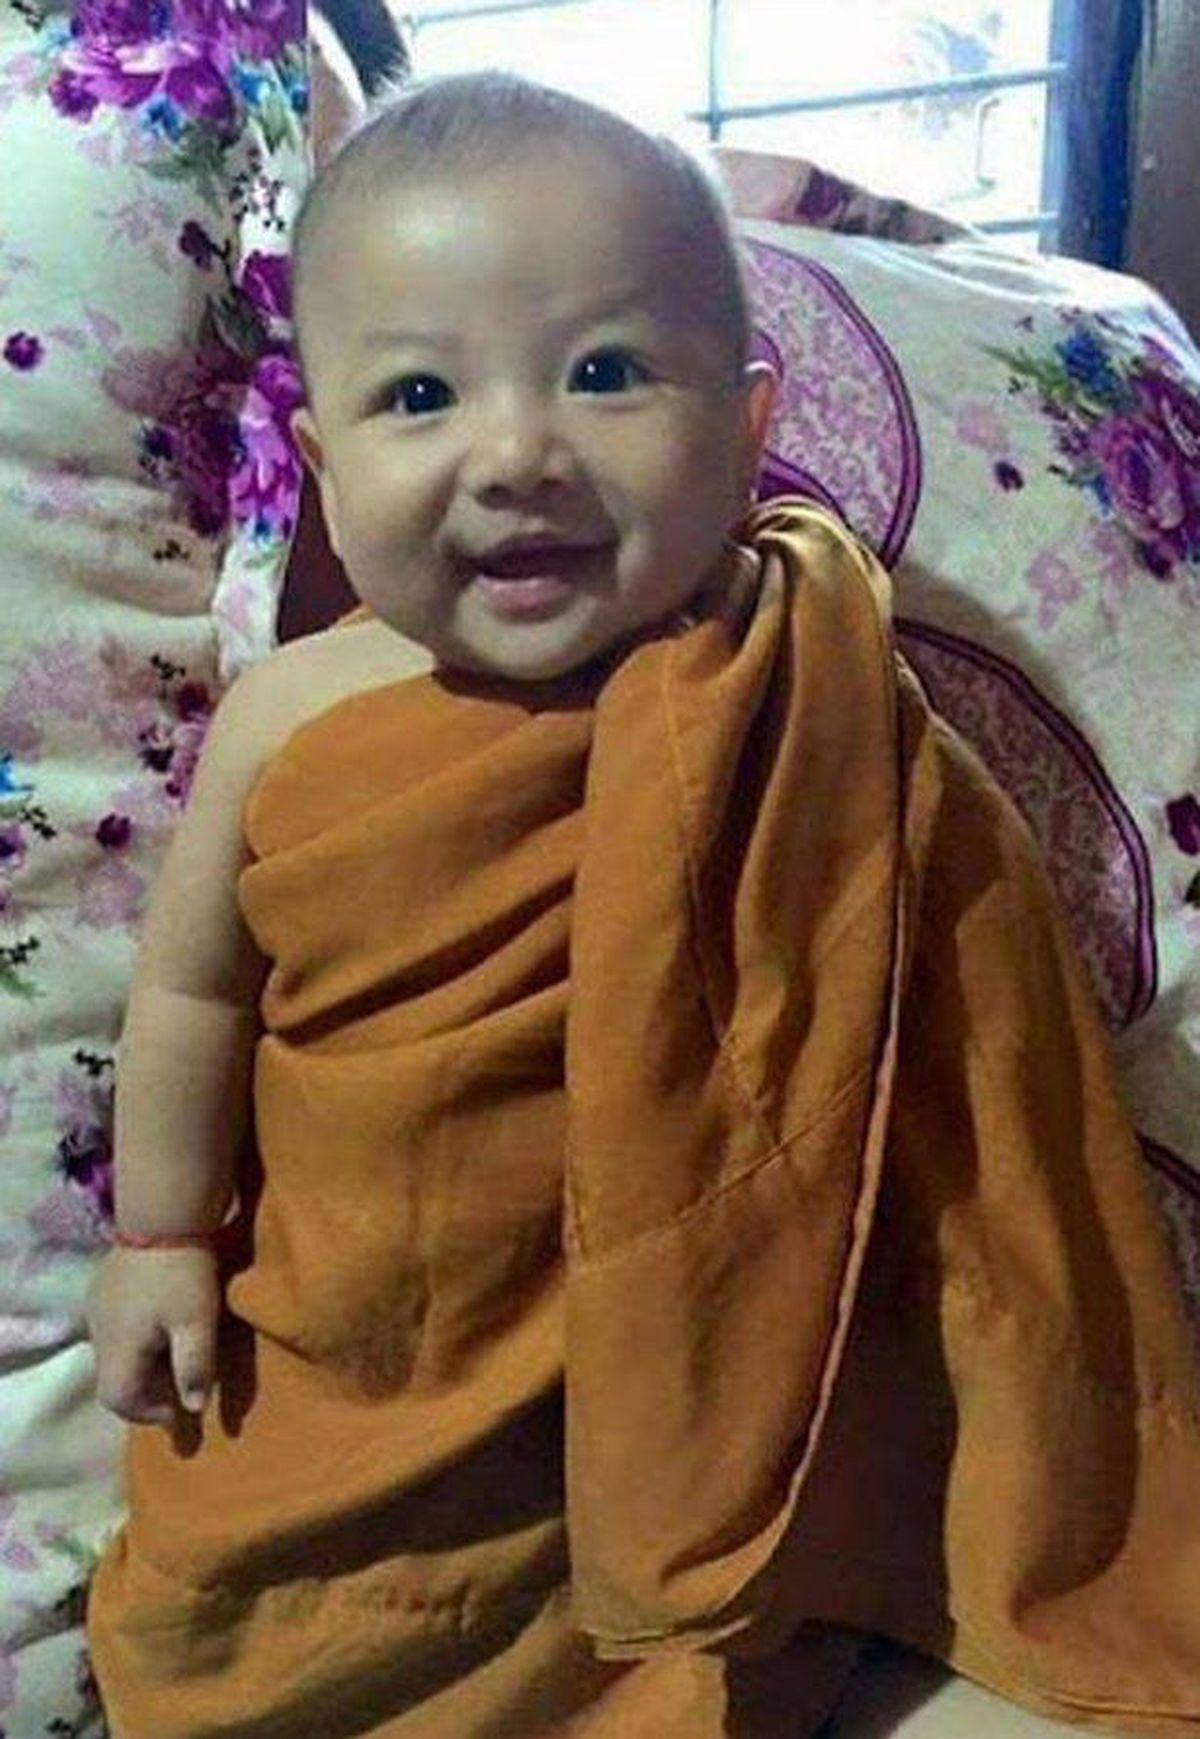 Bebelușul înjunghiat / foto:exclusivepicsmedia / the sun